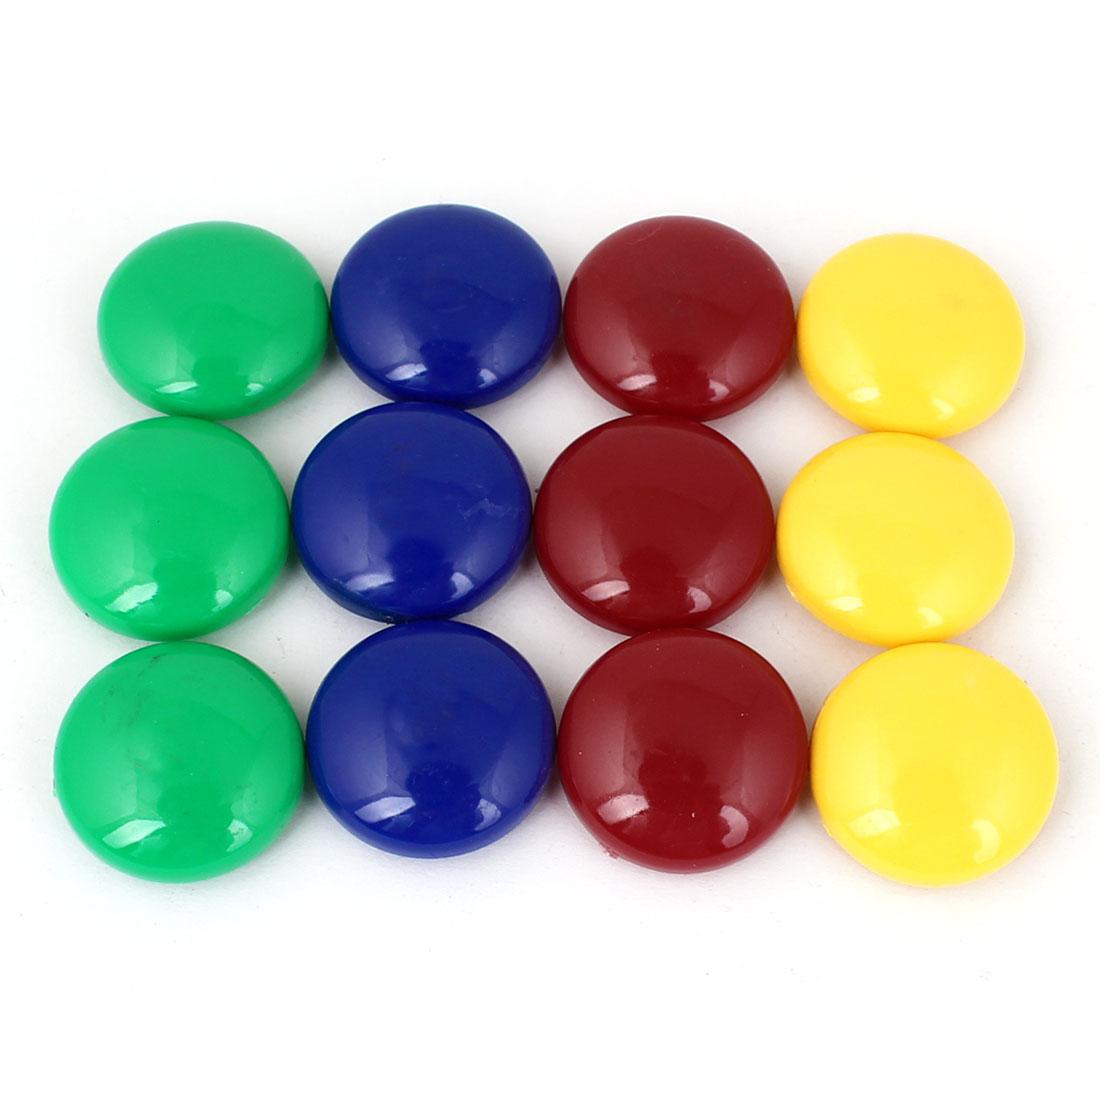 """12 Pcs Round 0.79"""" Diameter 4 Colors Fridge Magnet Home Decoration"""